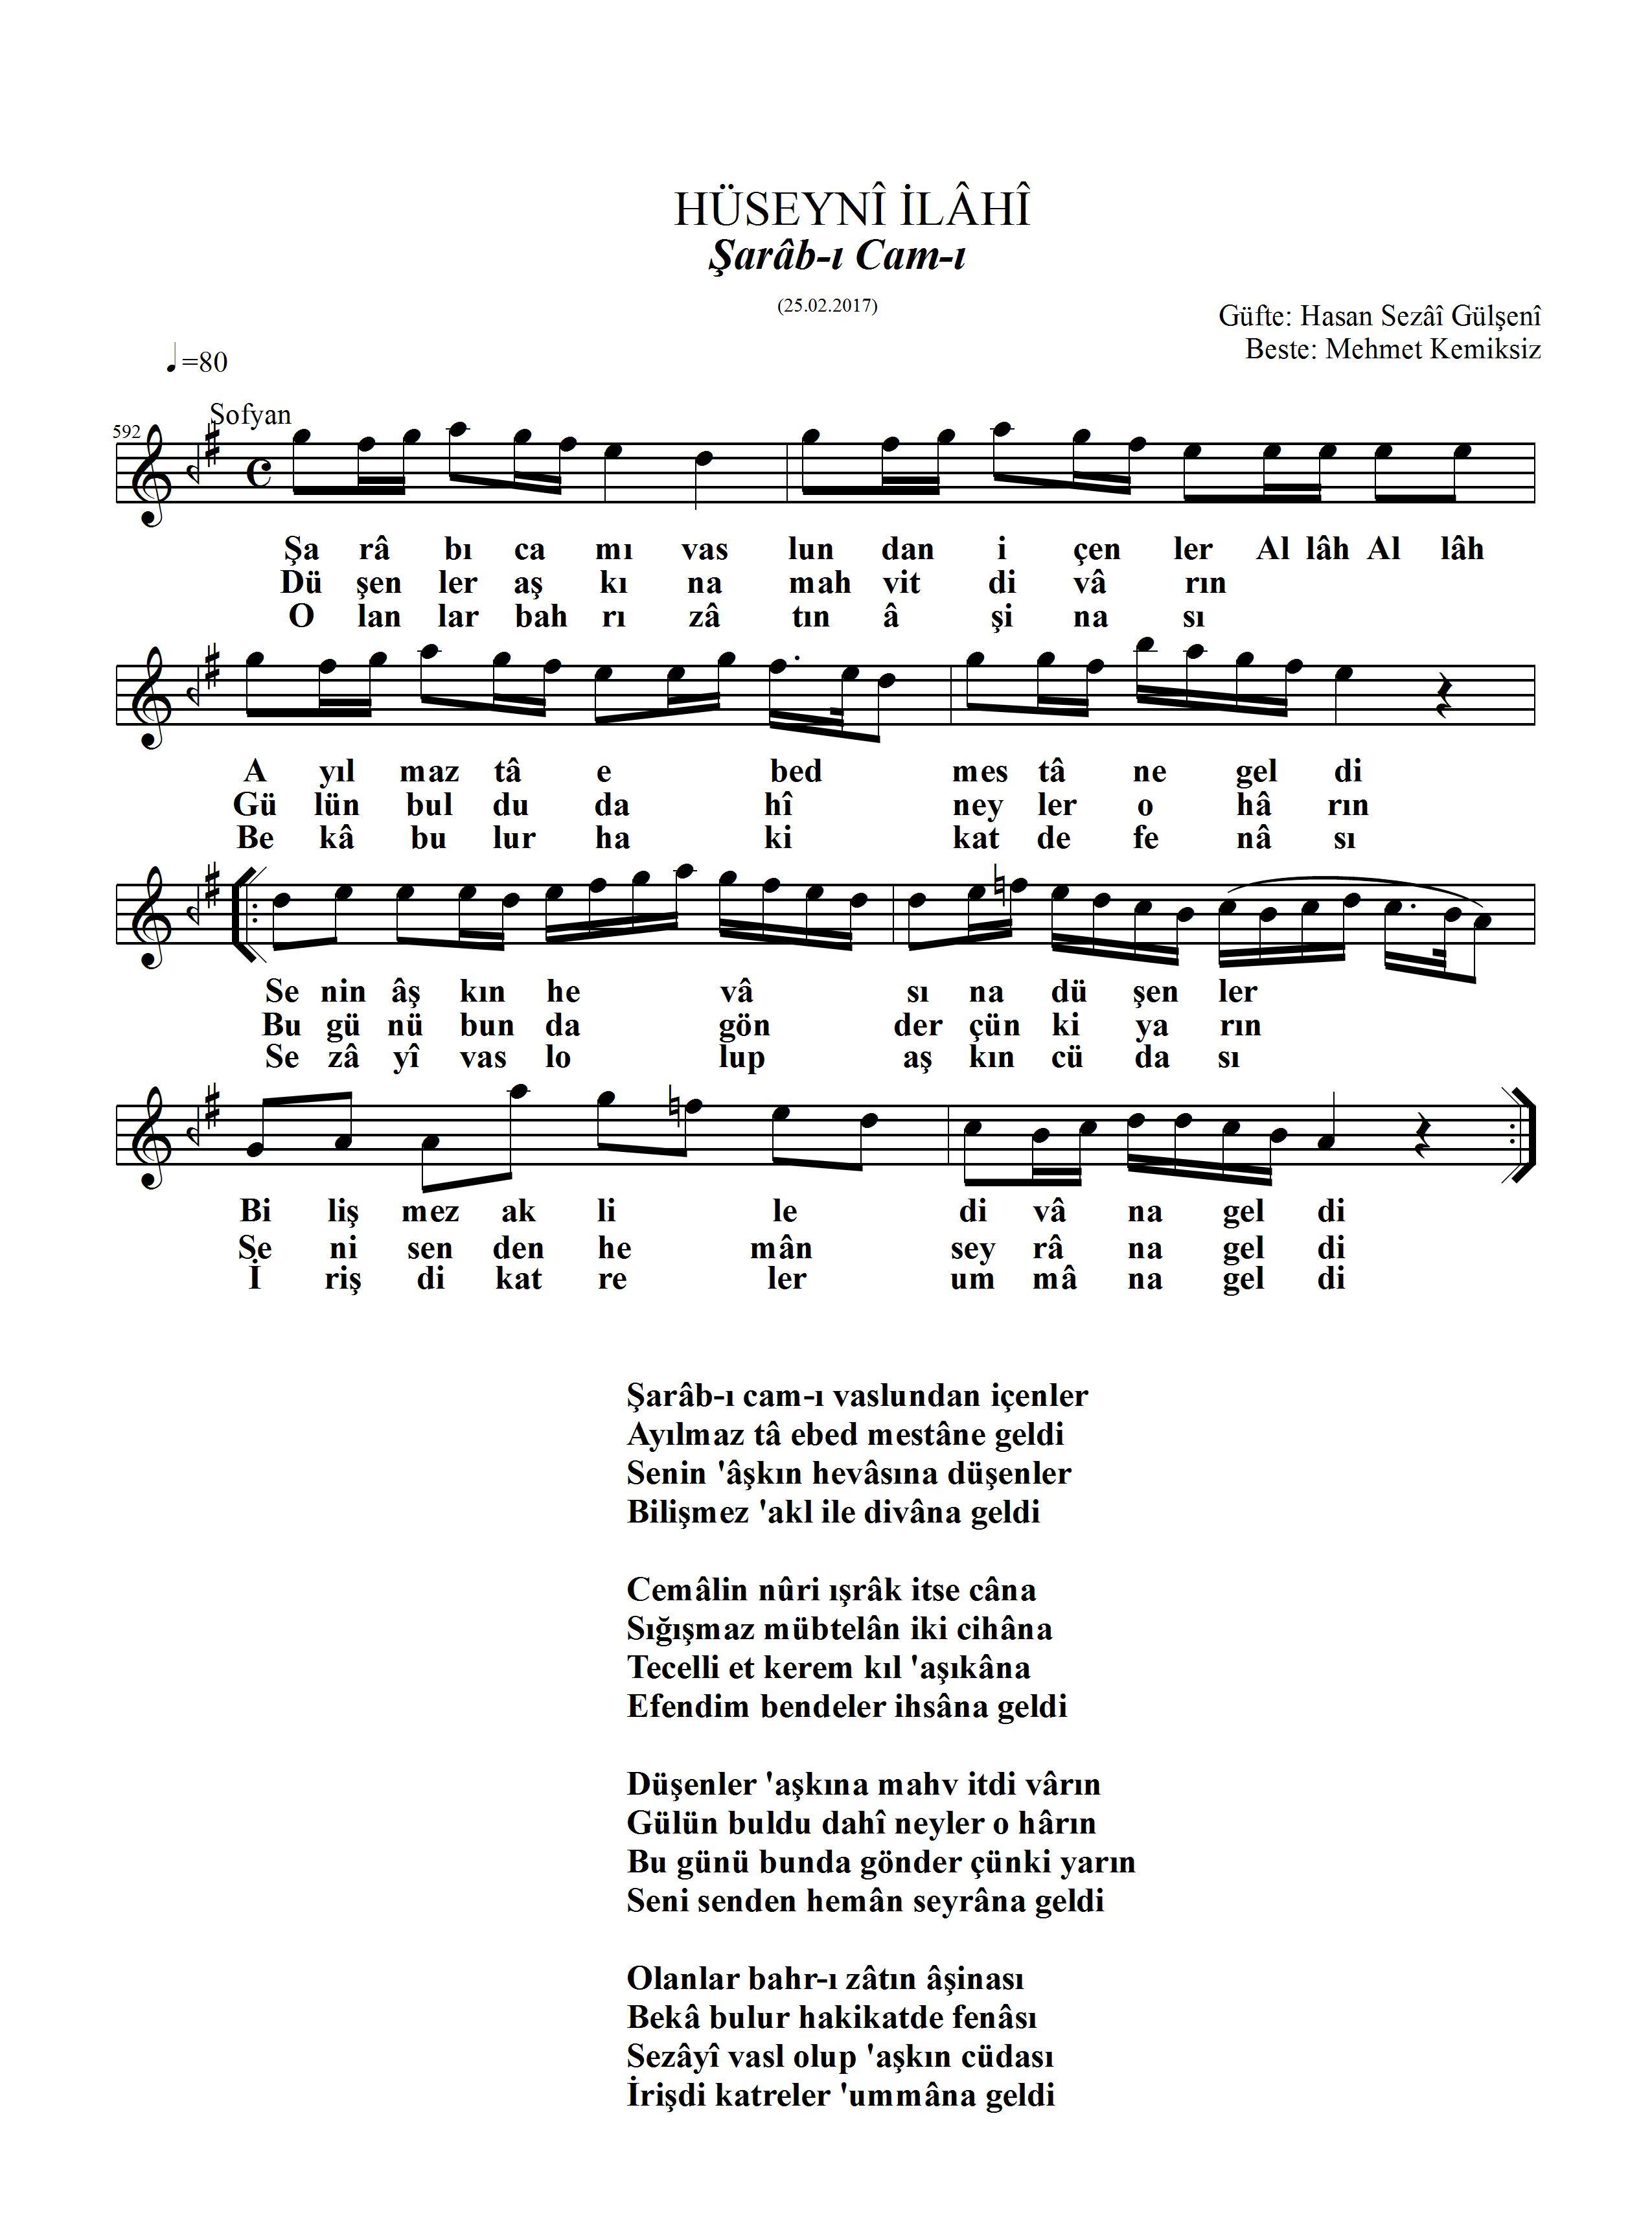 592-Huseyni-SerabiCami